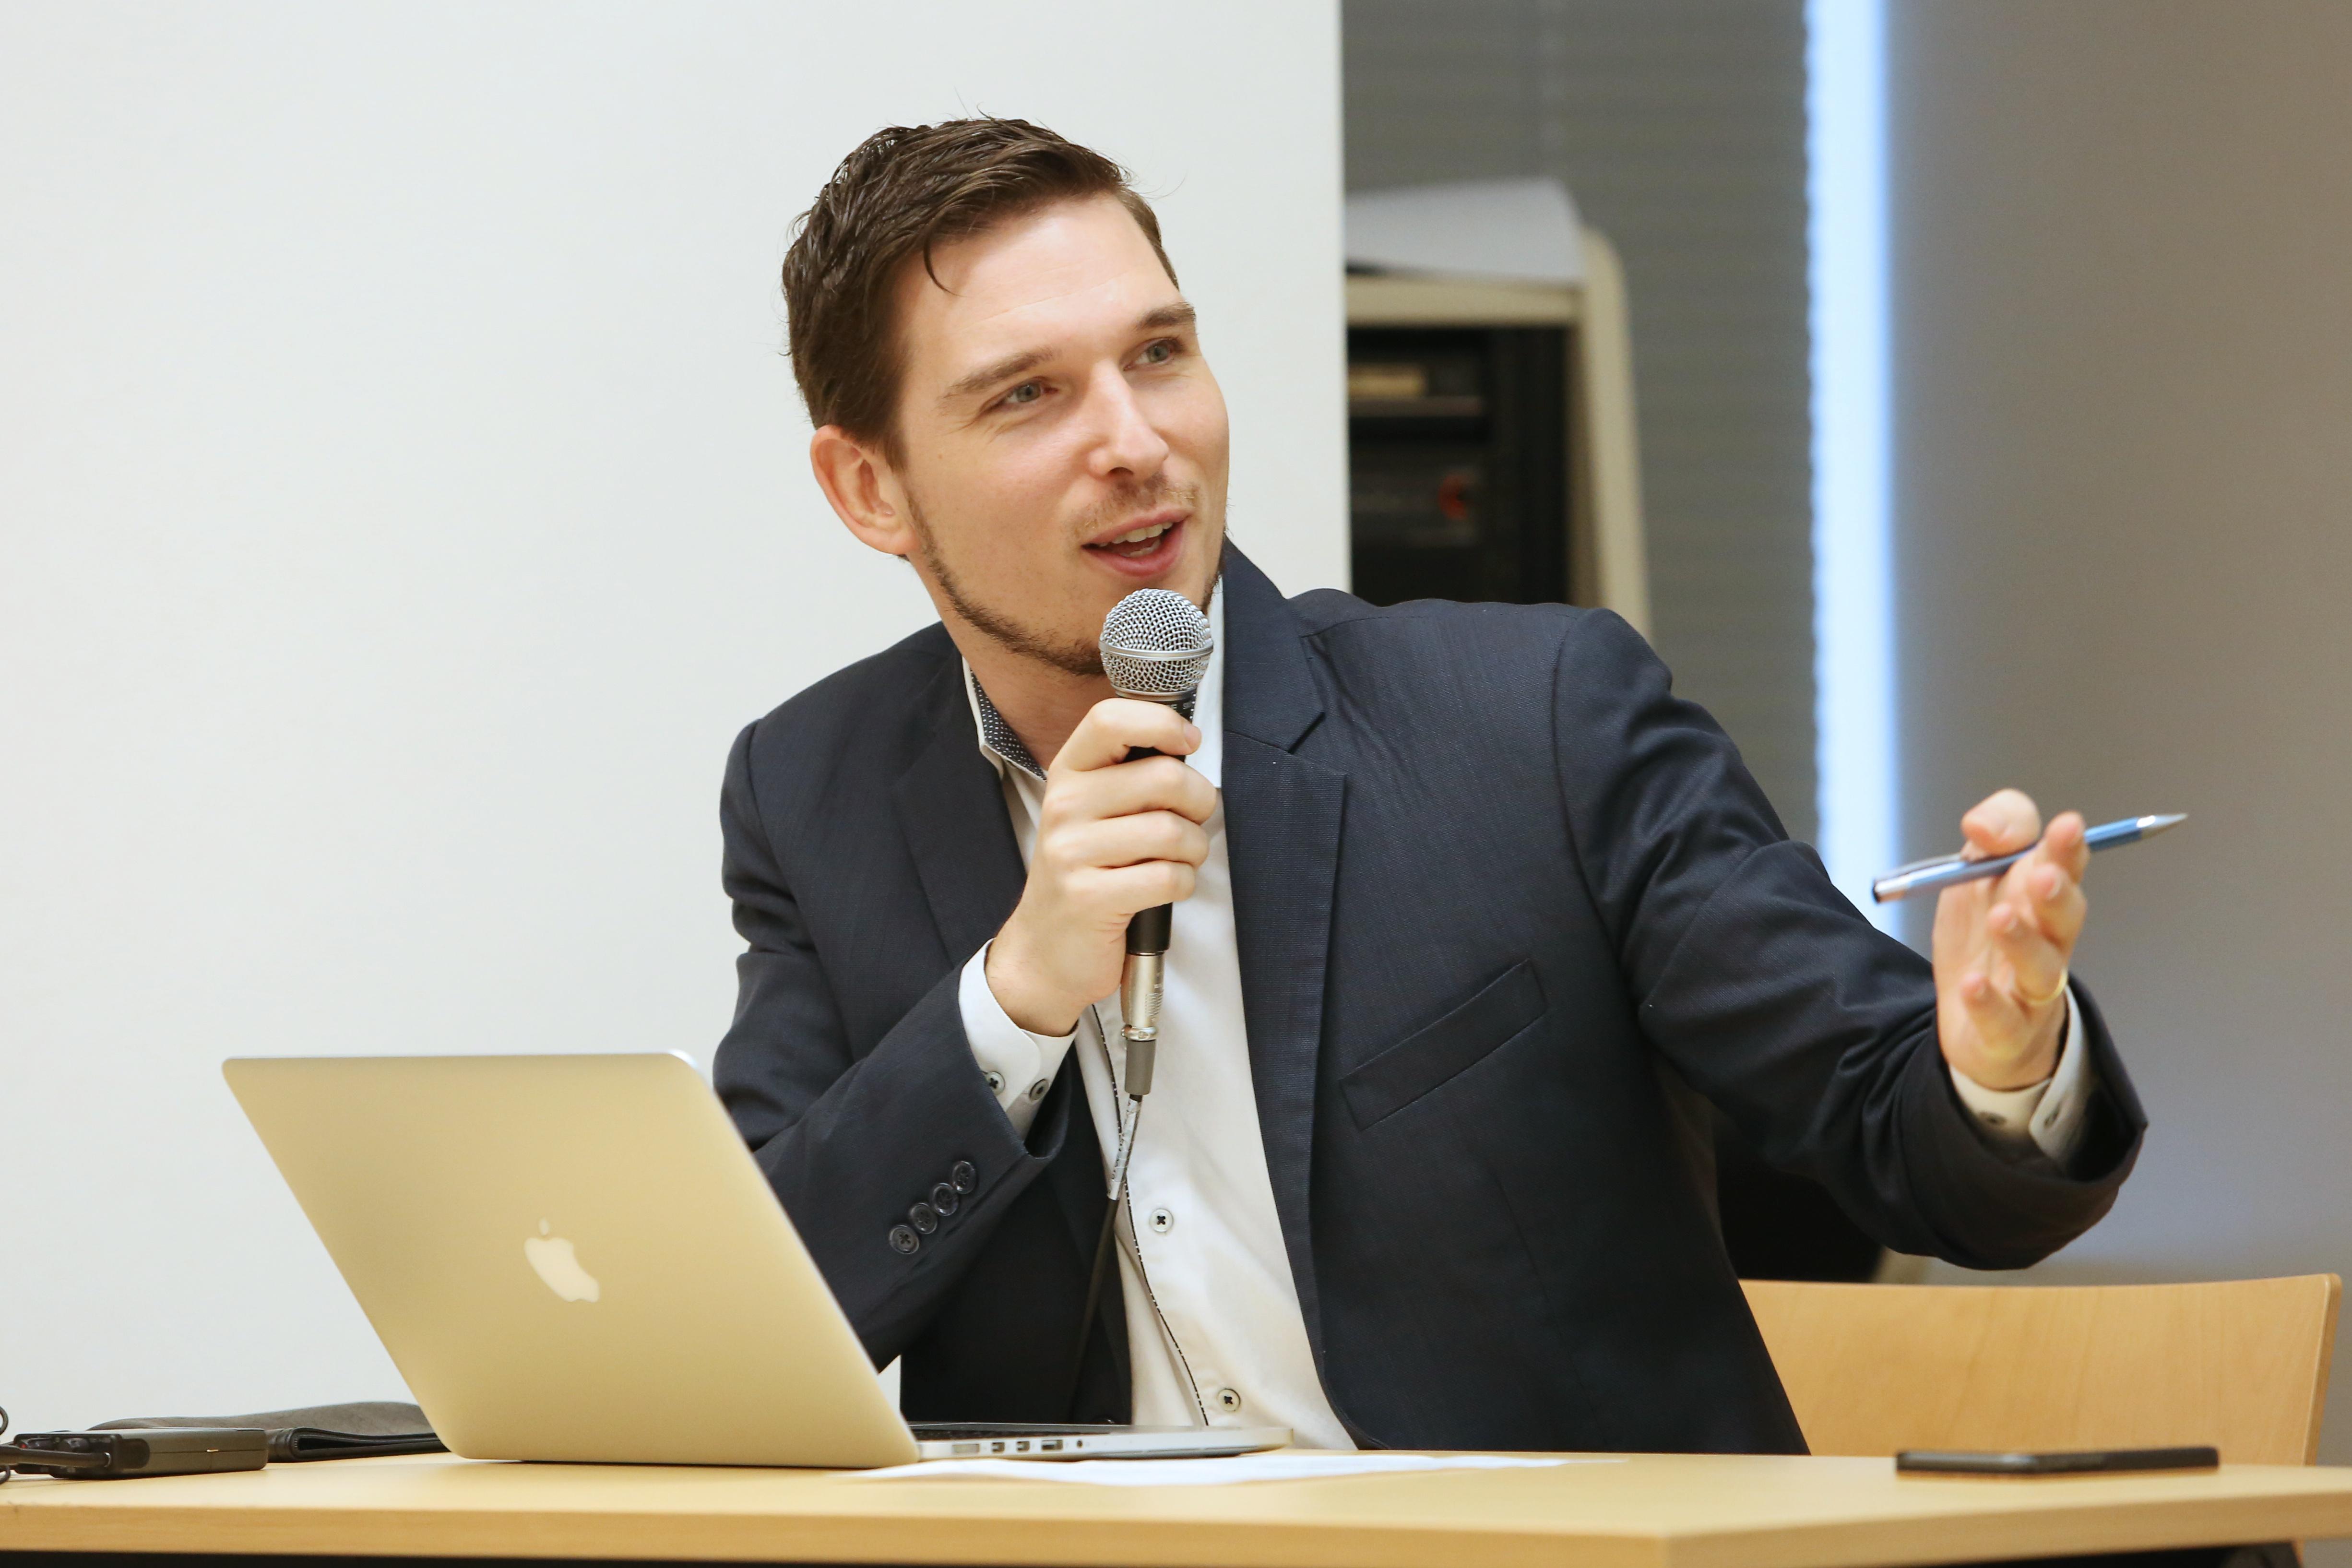 Moneytree-LINK-LINK-Blog-finsum-2018-event-mark-makdad-CPO-of-Moneytree-2018